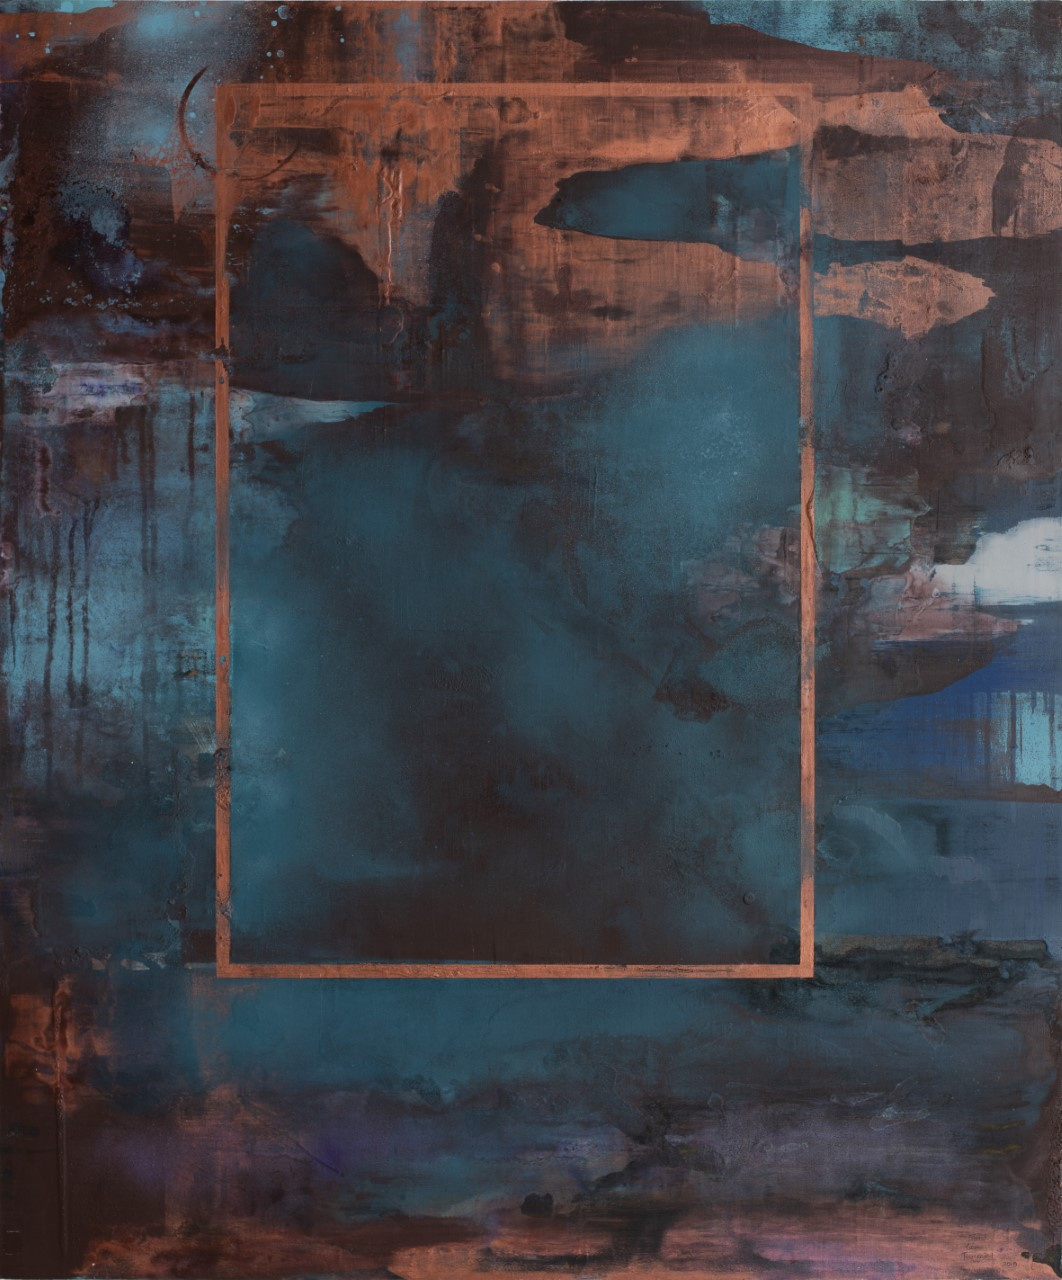 Ventana  de cobre De la serie Distressed Walls Acrílico, pigmentos y pintura en aérosol s/lino 120  x 100 cms.